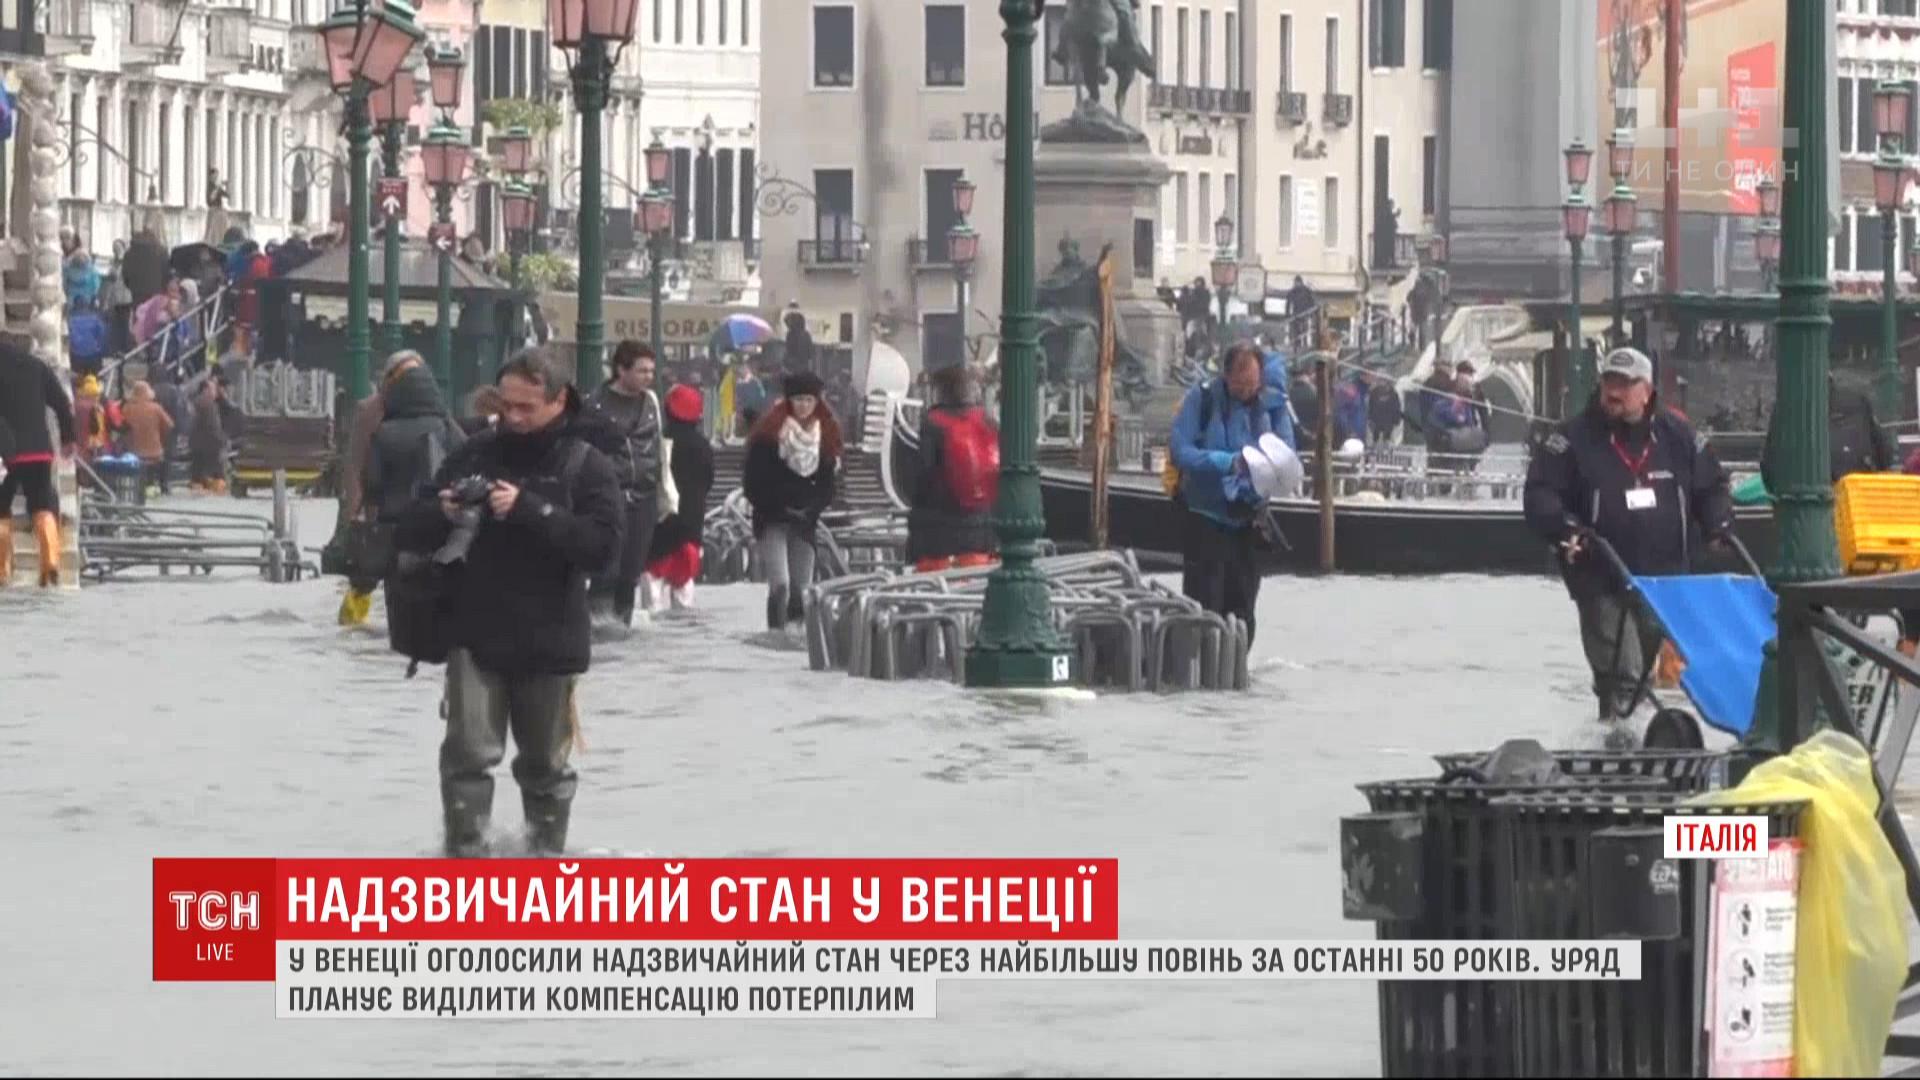 Чтобы ликвидировать последствия стихии – правительство выделило для начала 20 миллионов евро / скриншот